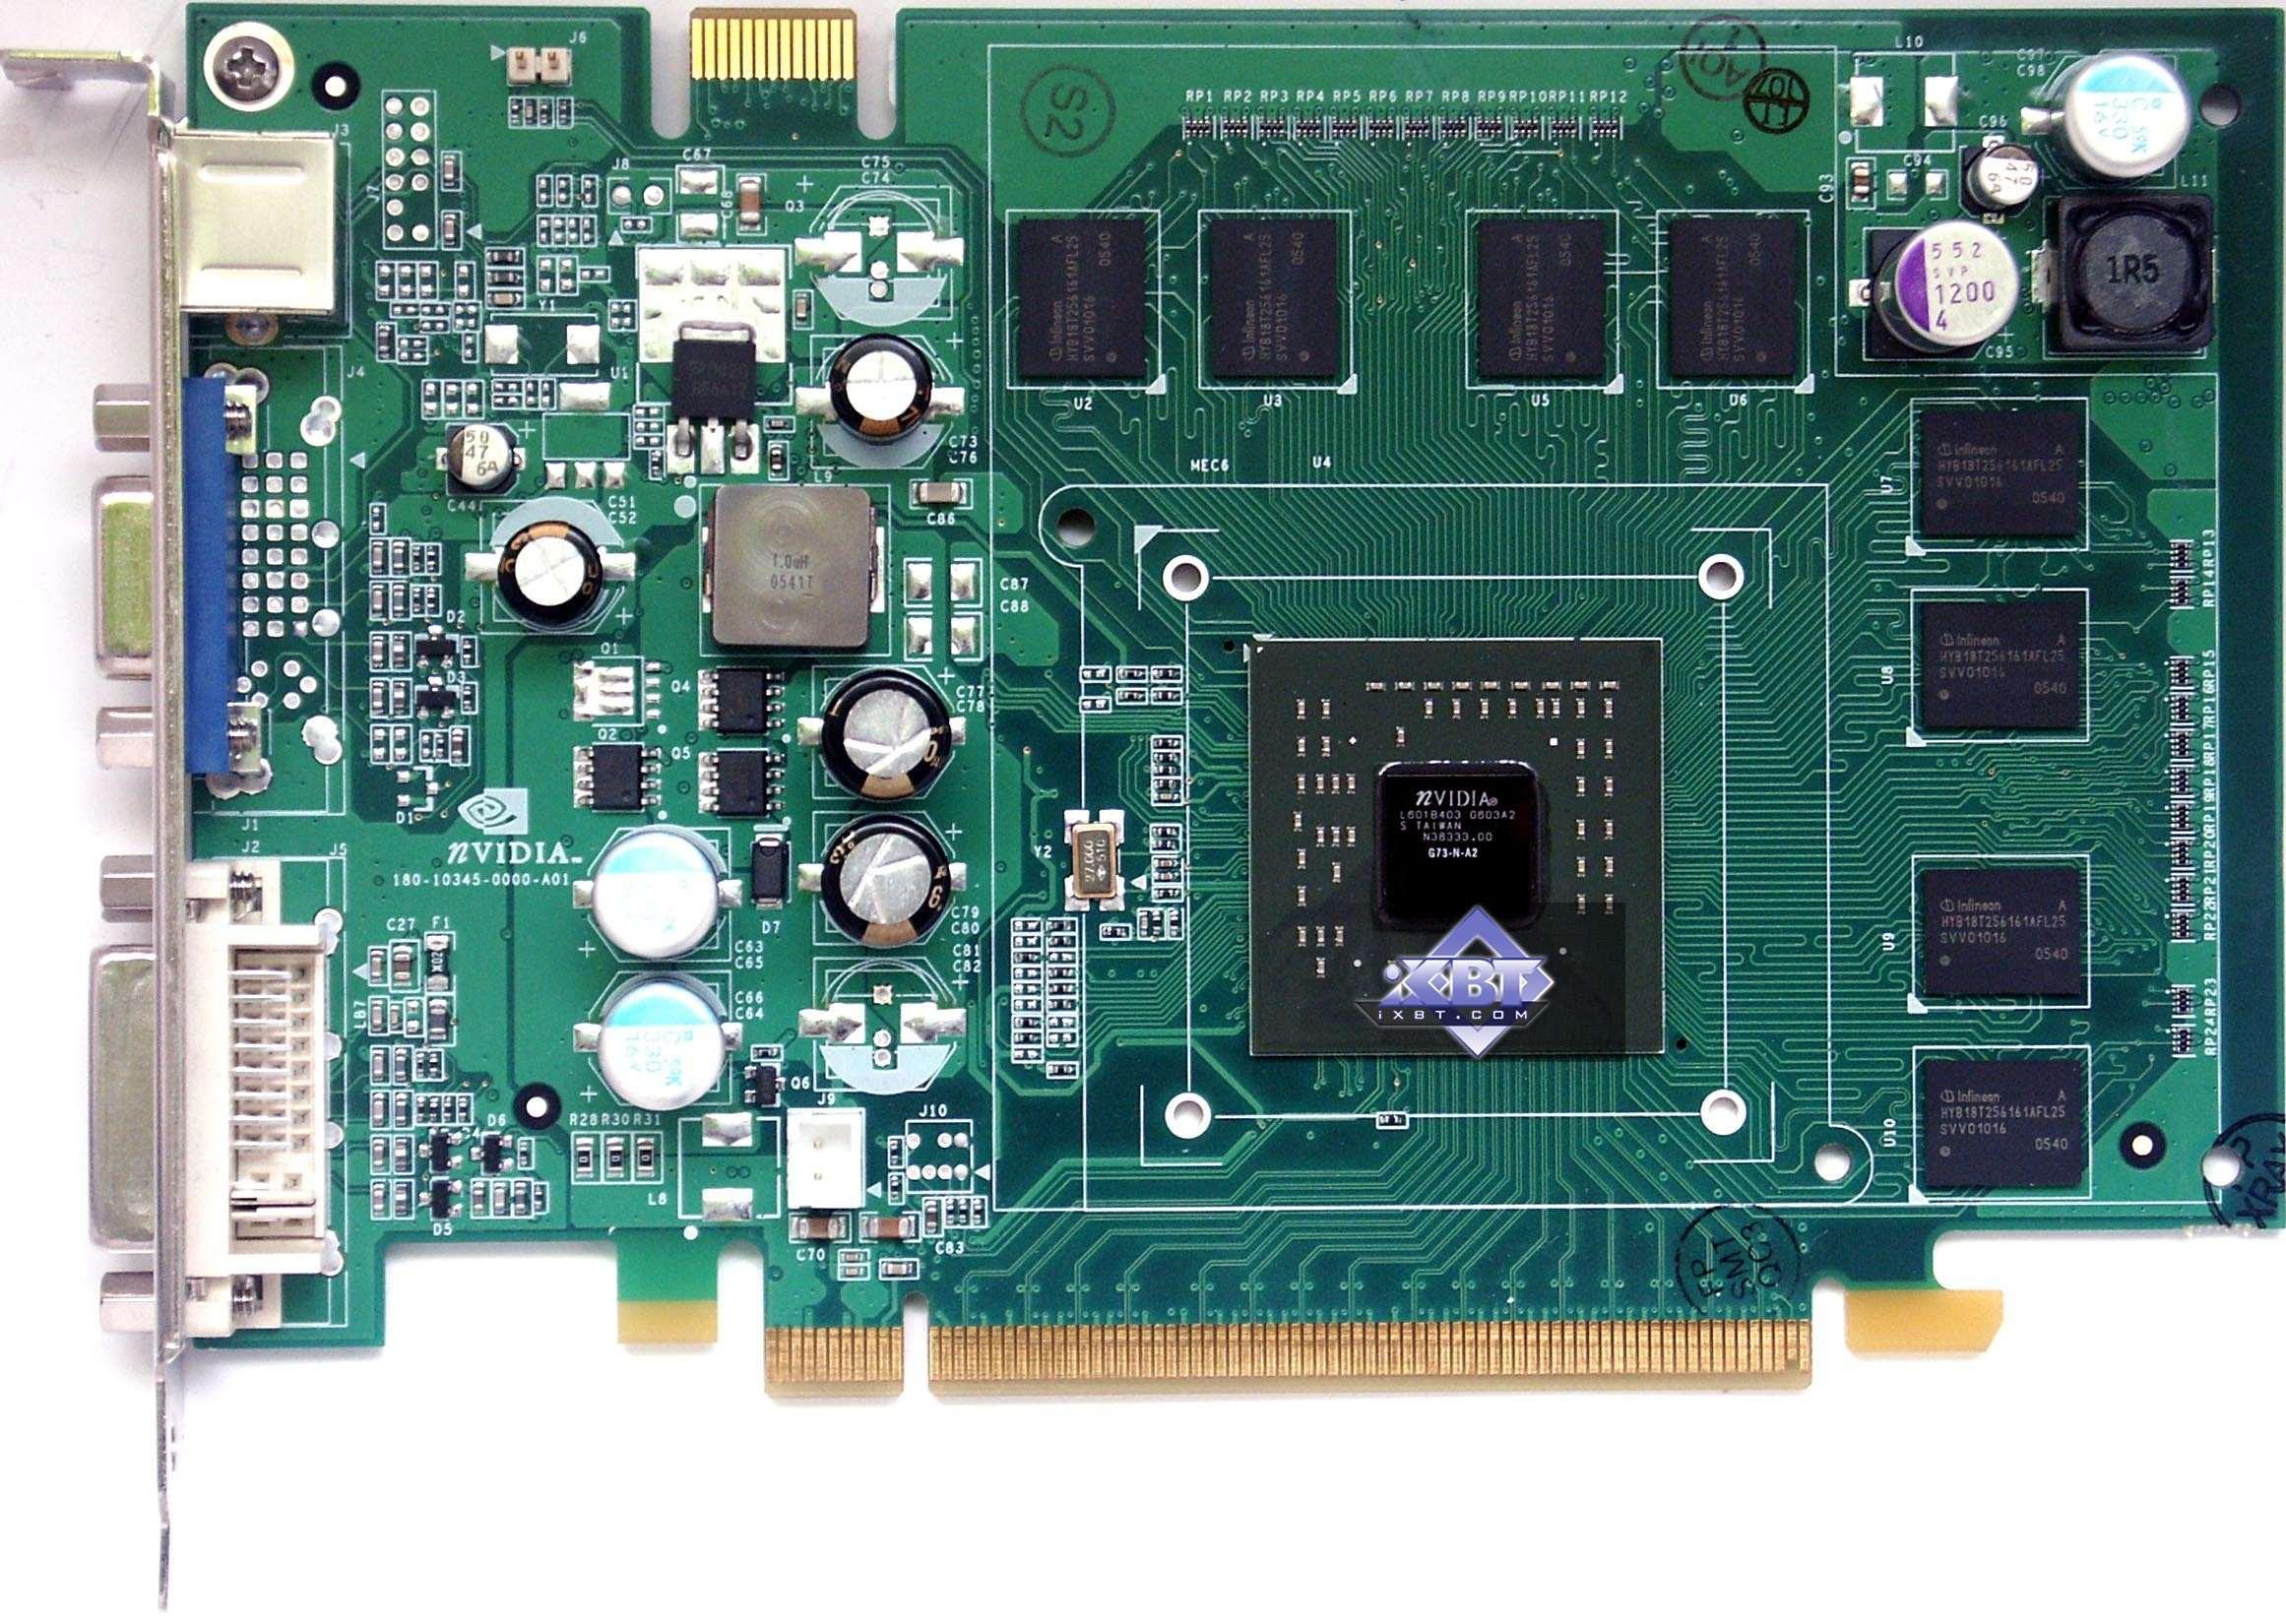 Nvidia geforce 7600 gs скачать драйвер windows 7.